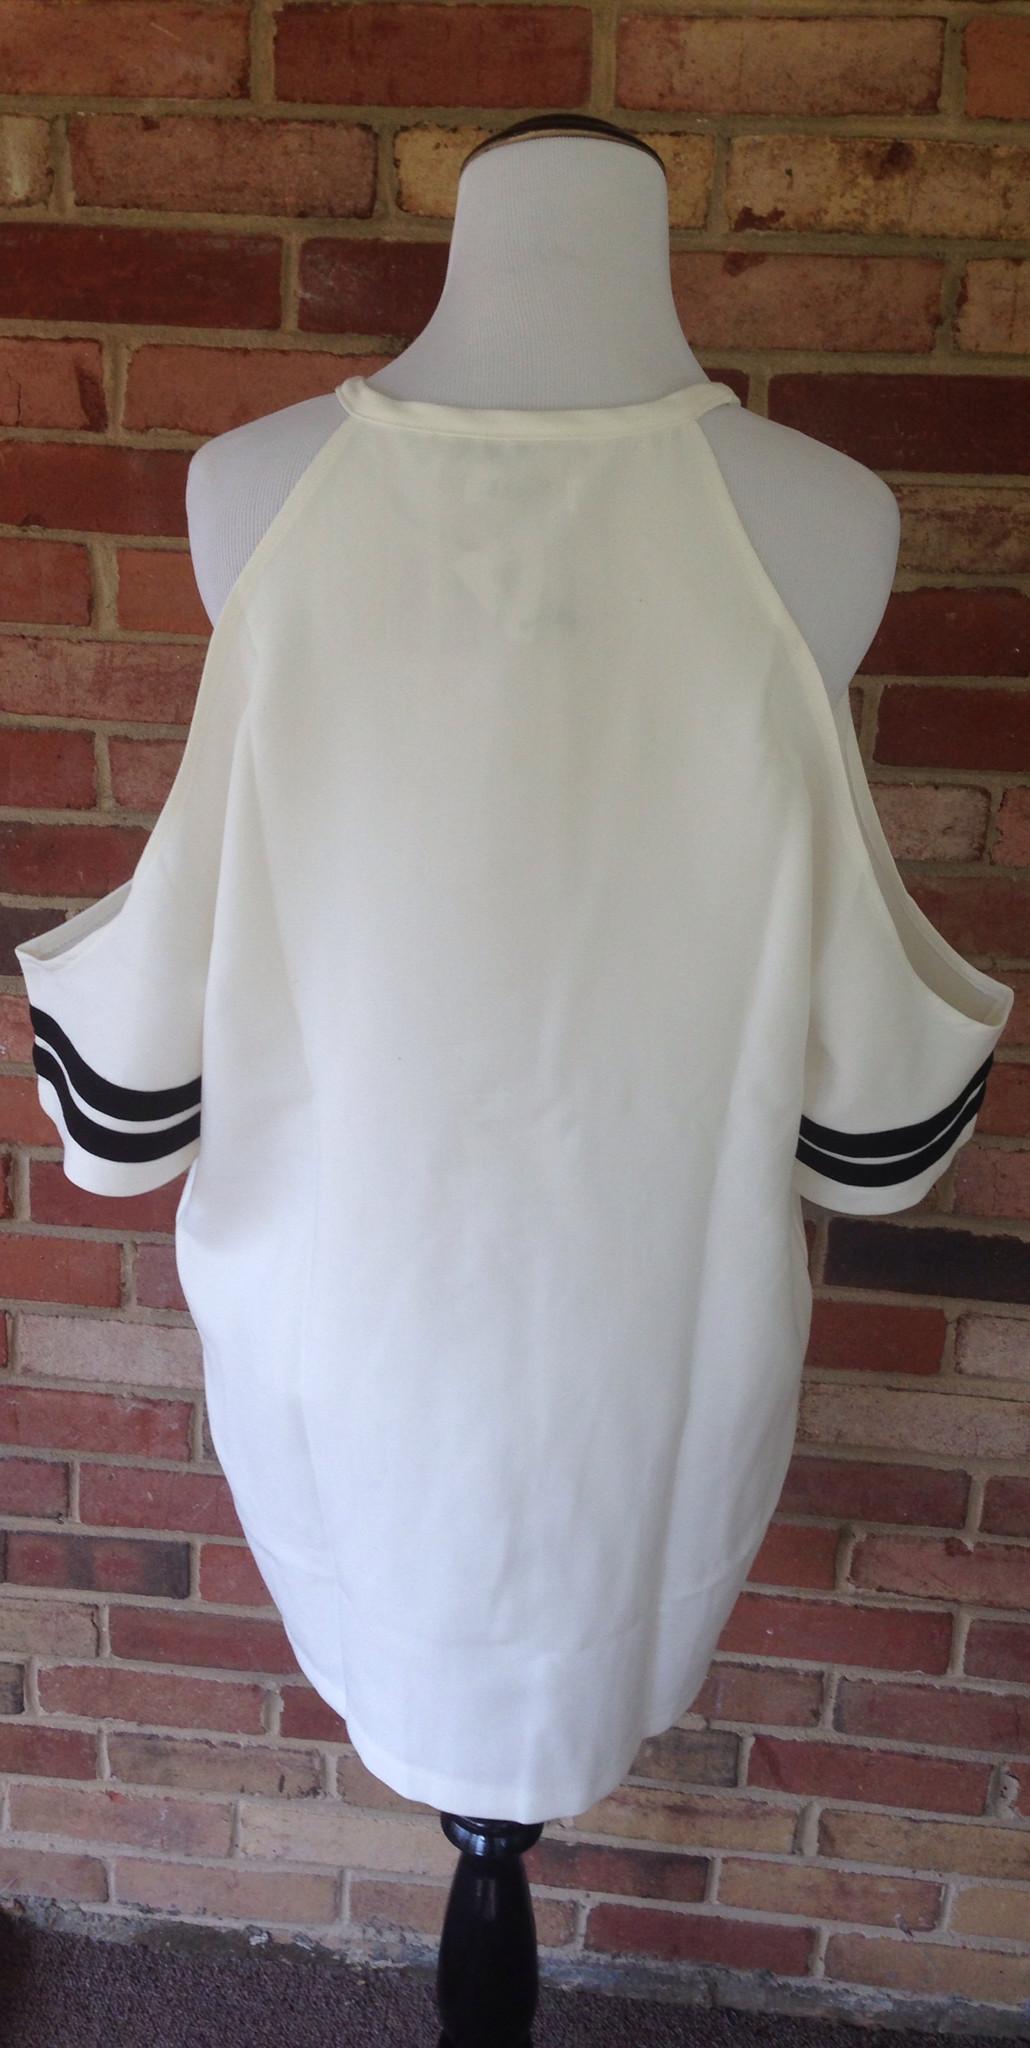 Fem Hockey Dress